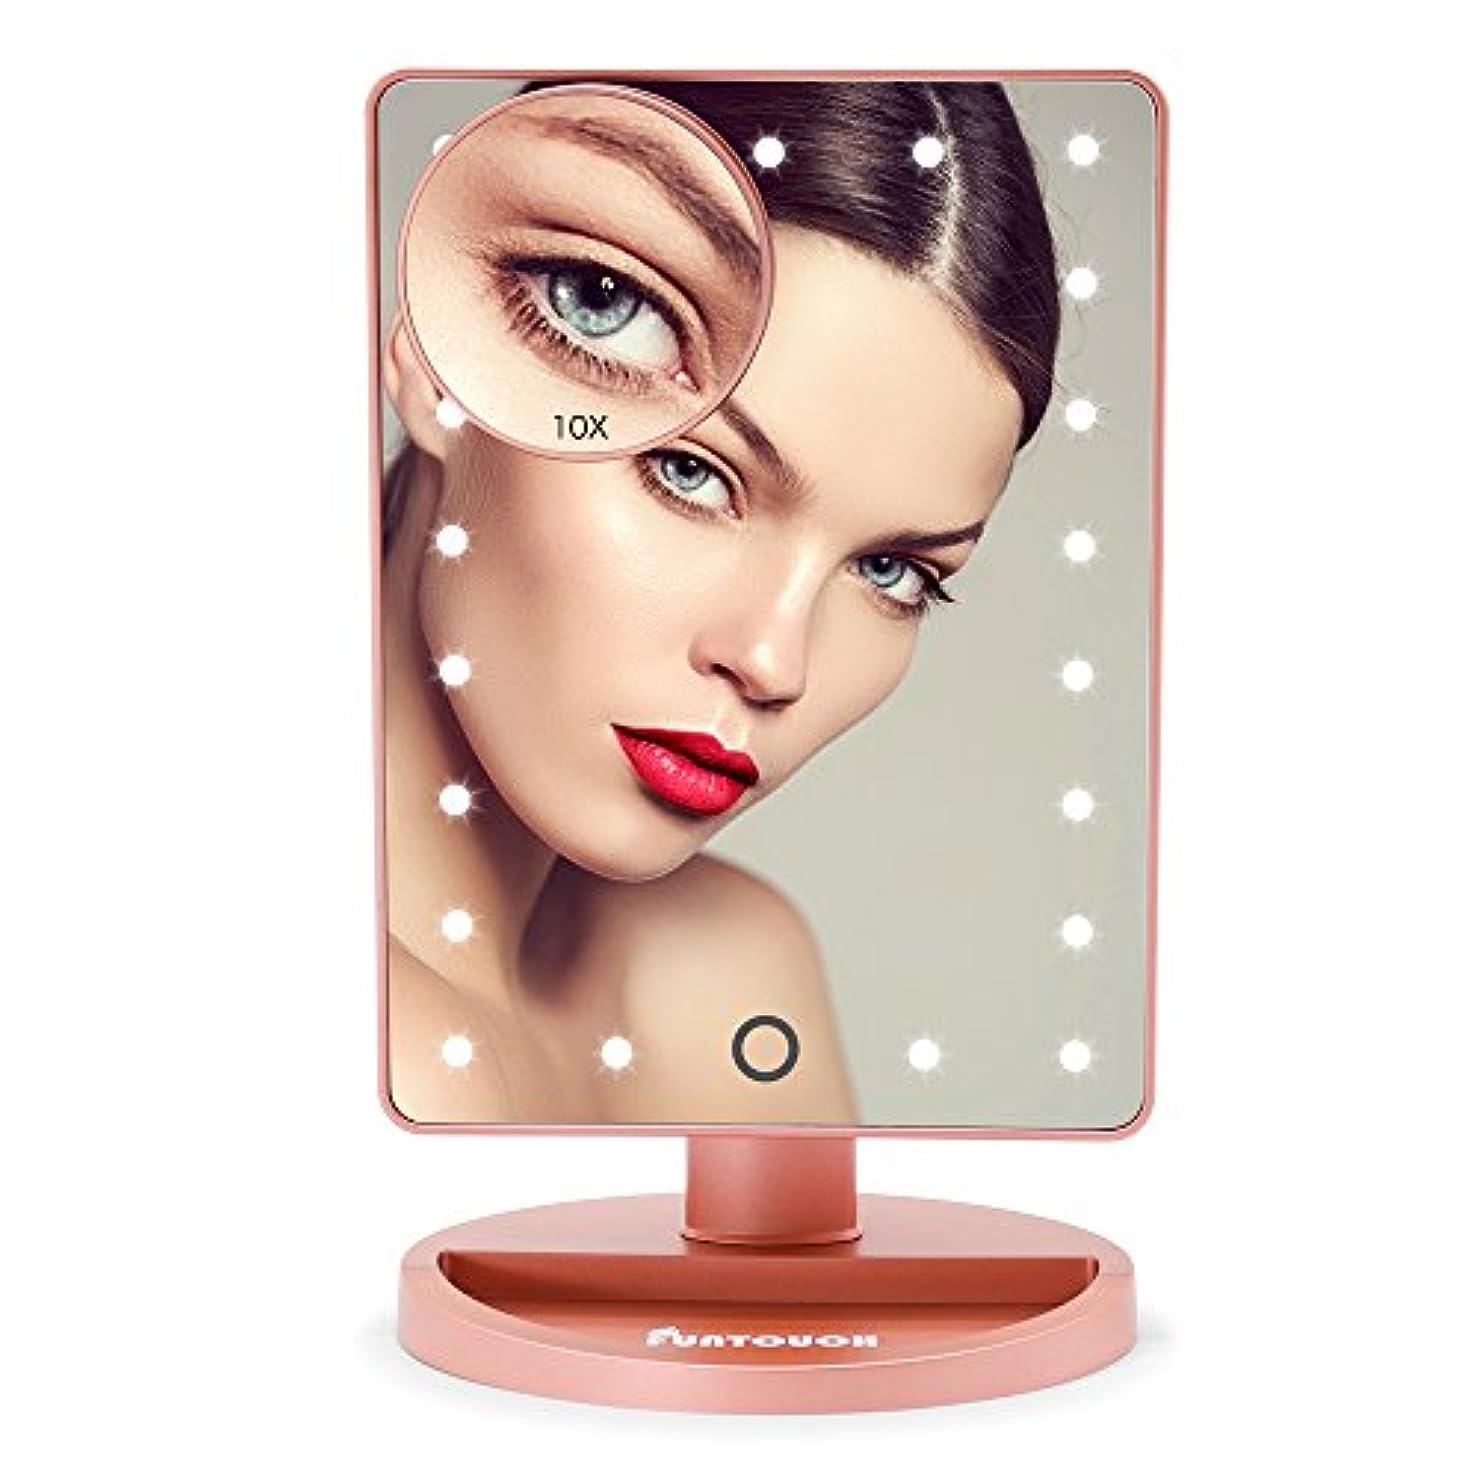 市の花惑星見て化粧鏡 卓上鏡 化粧ミラー 鏡 女優ミラー 卓上 21 led 拡大鏡 10倍 明るさ調節可能 180°回転 電池給電(Rose Gold)